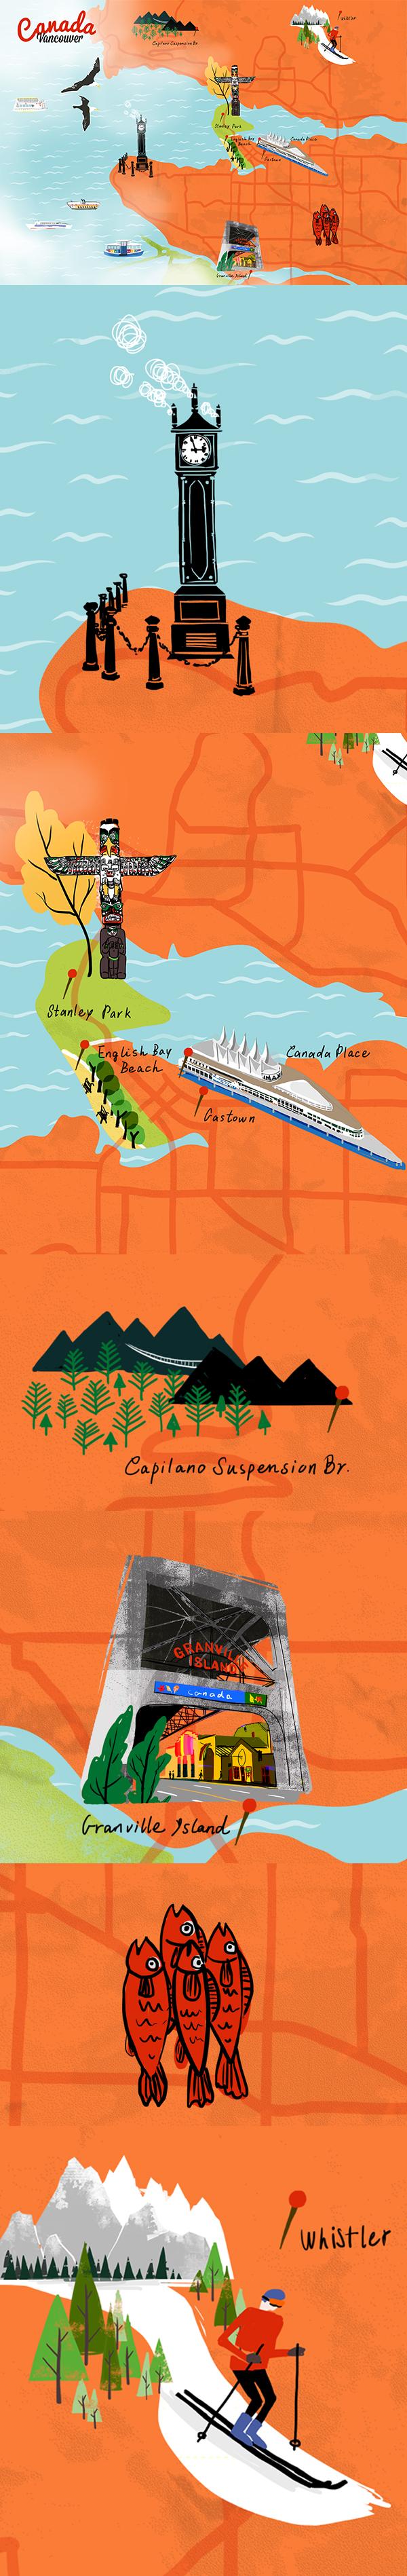 加拿大 温哥华 手绘地图